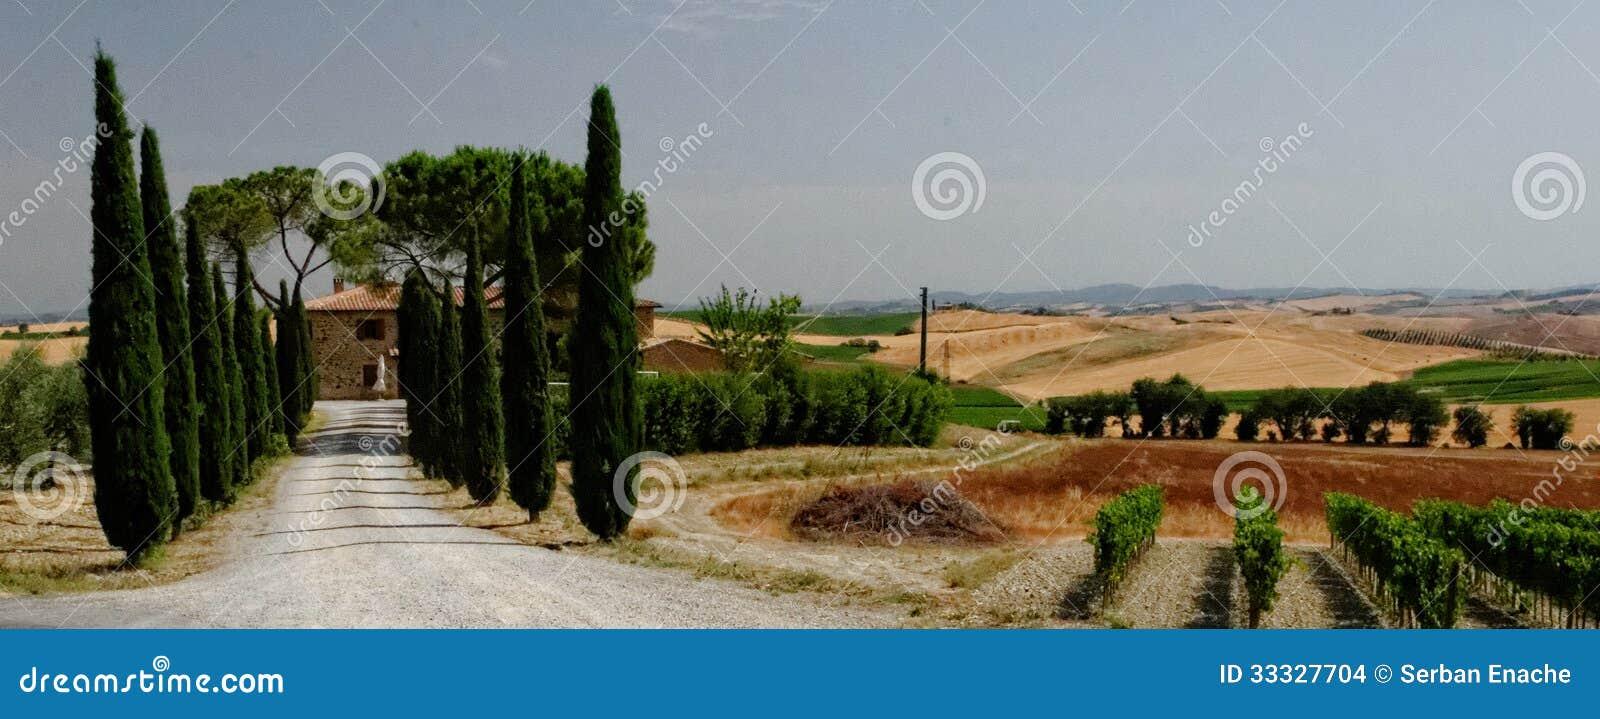 Paisaje panorámico de Toscana